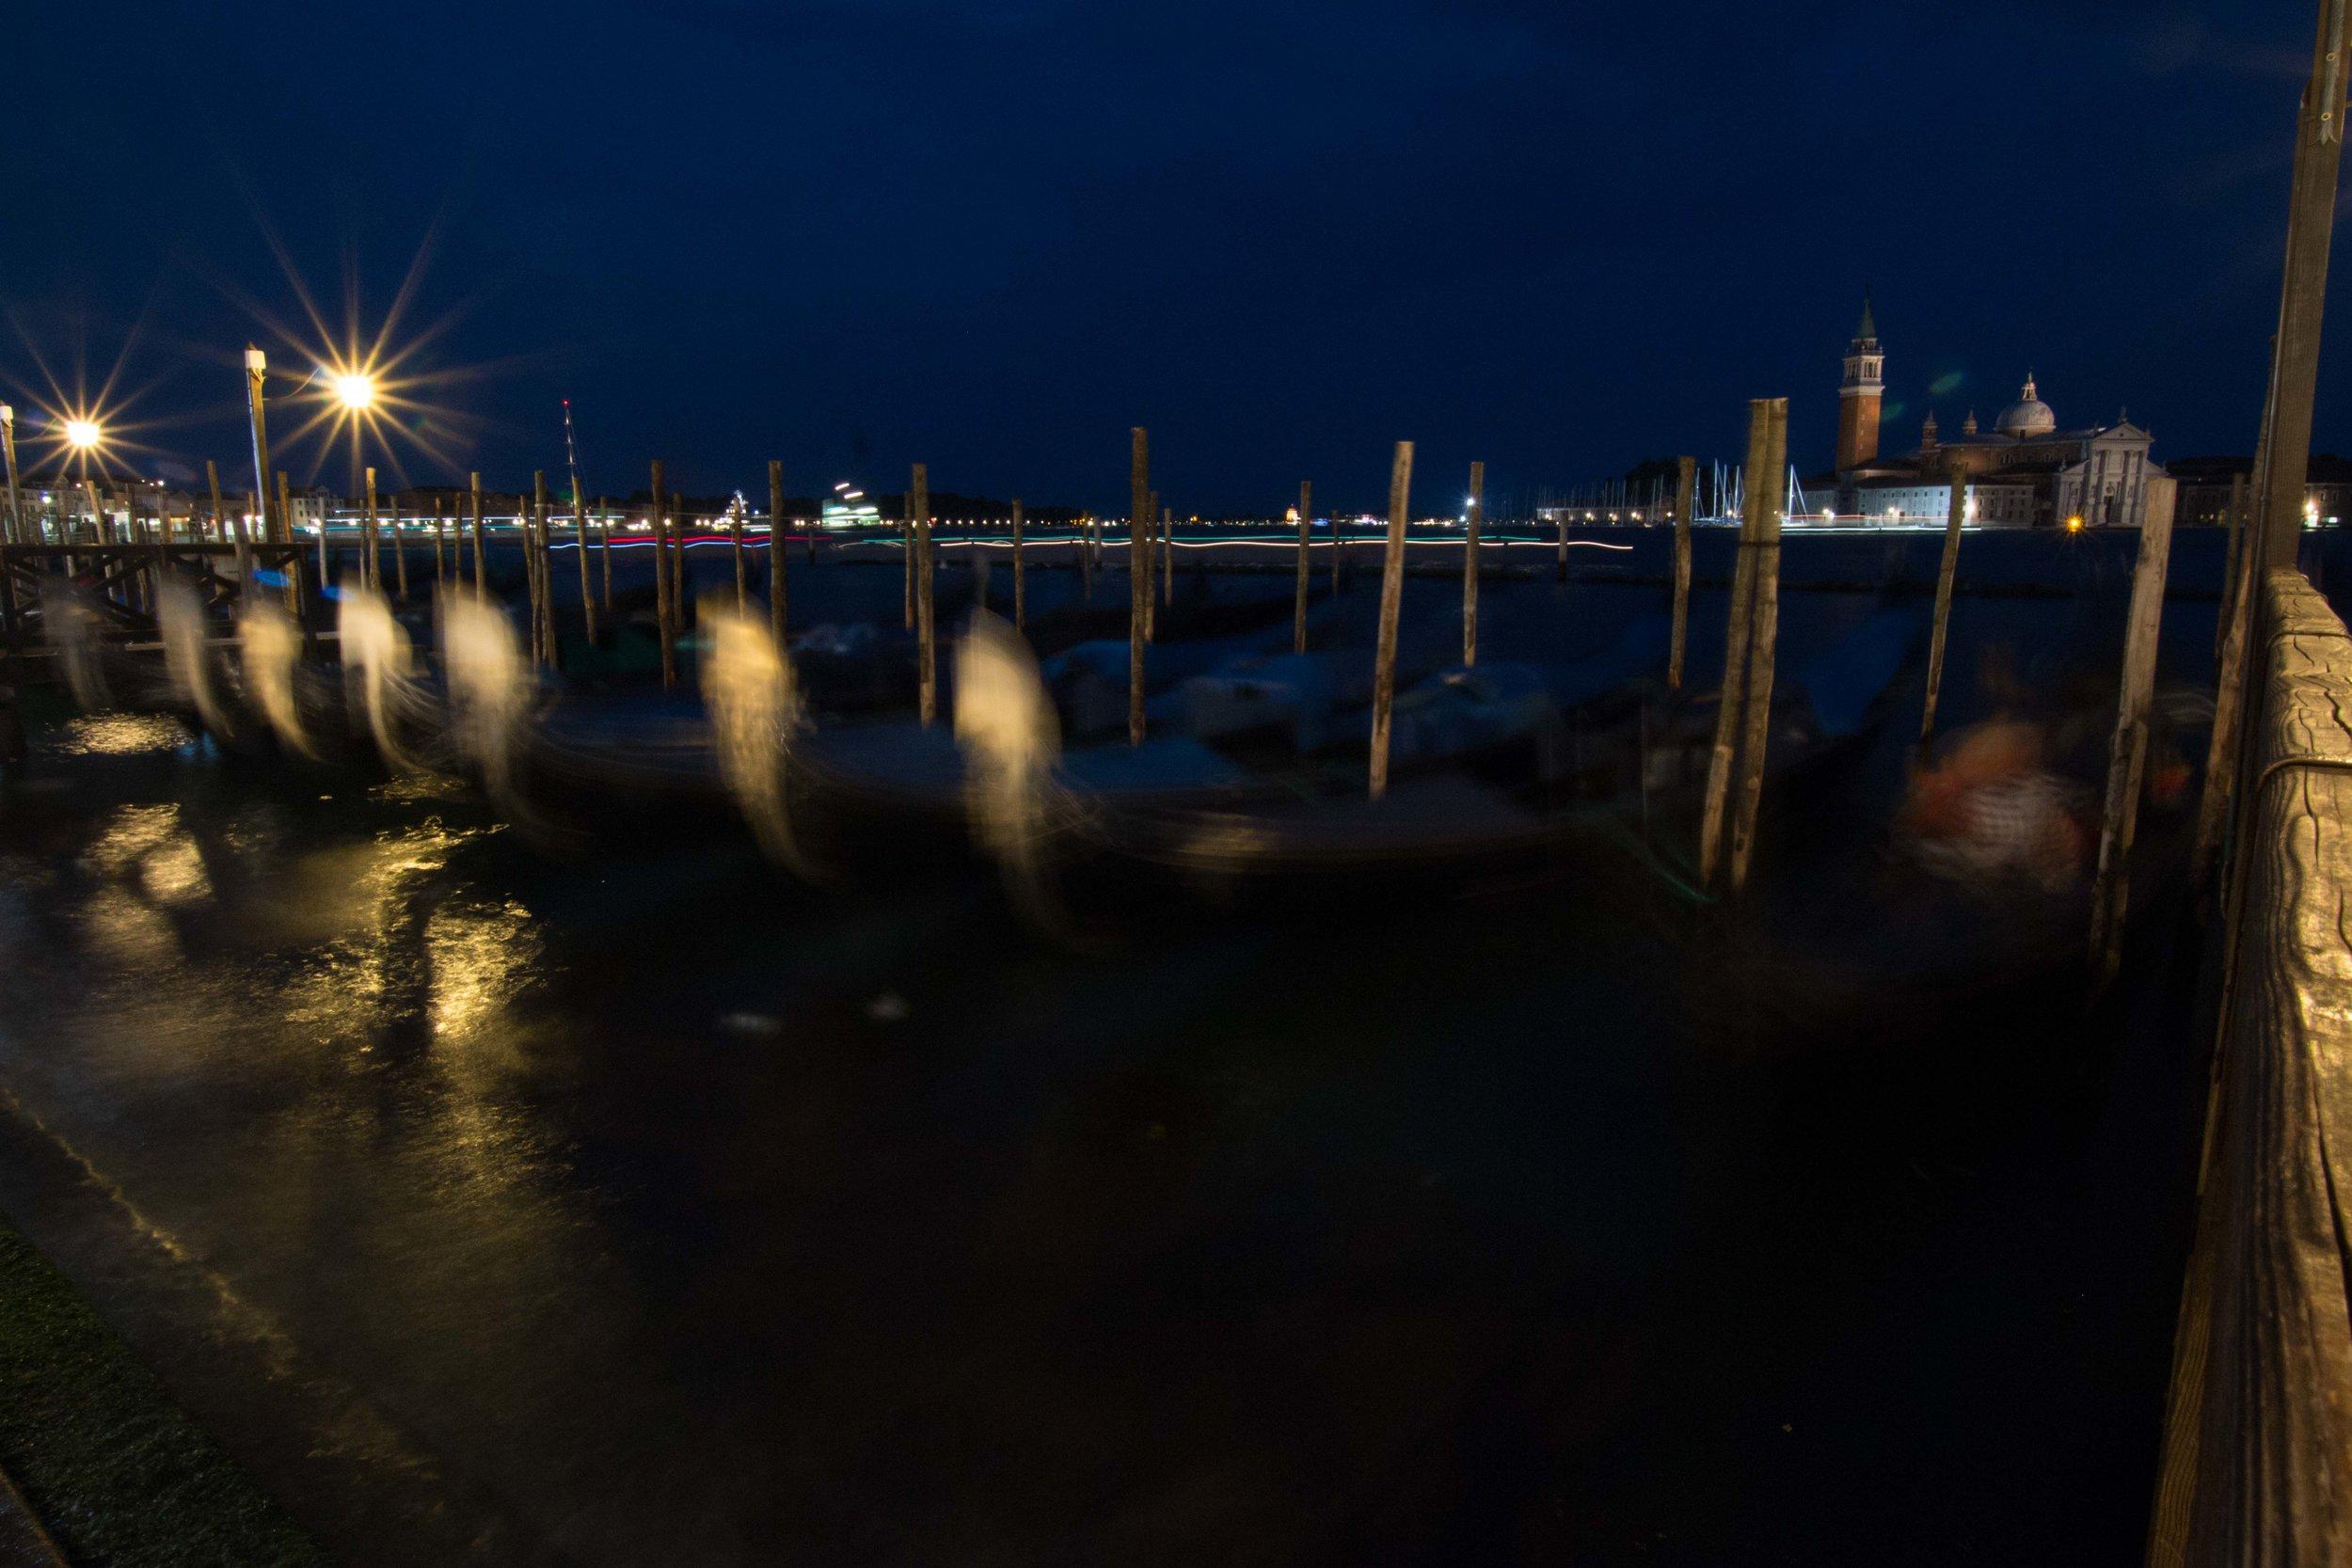 Gondolas bobbing at night